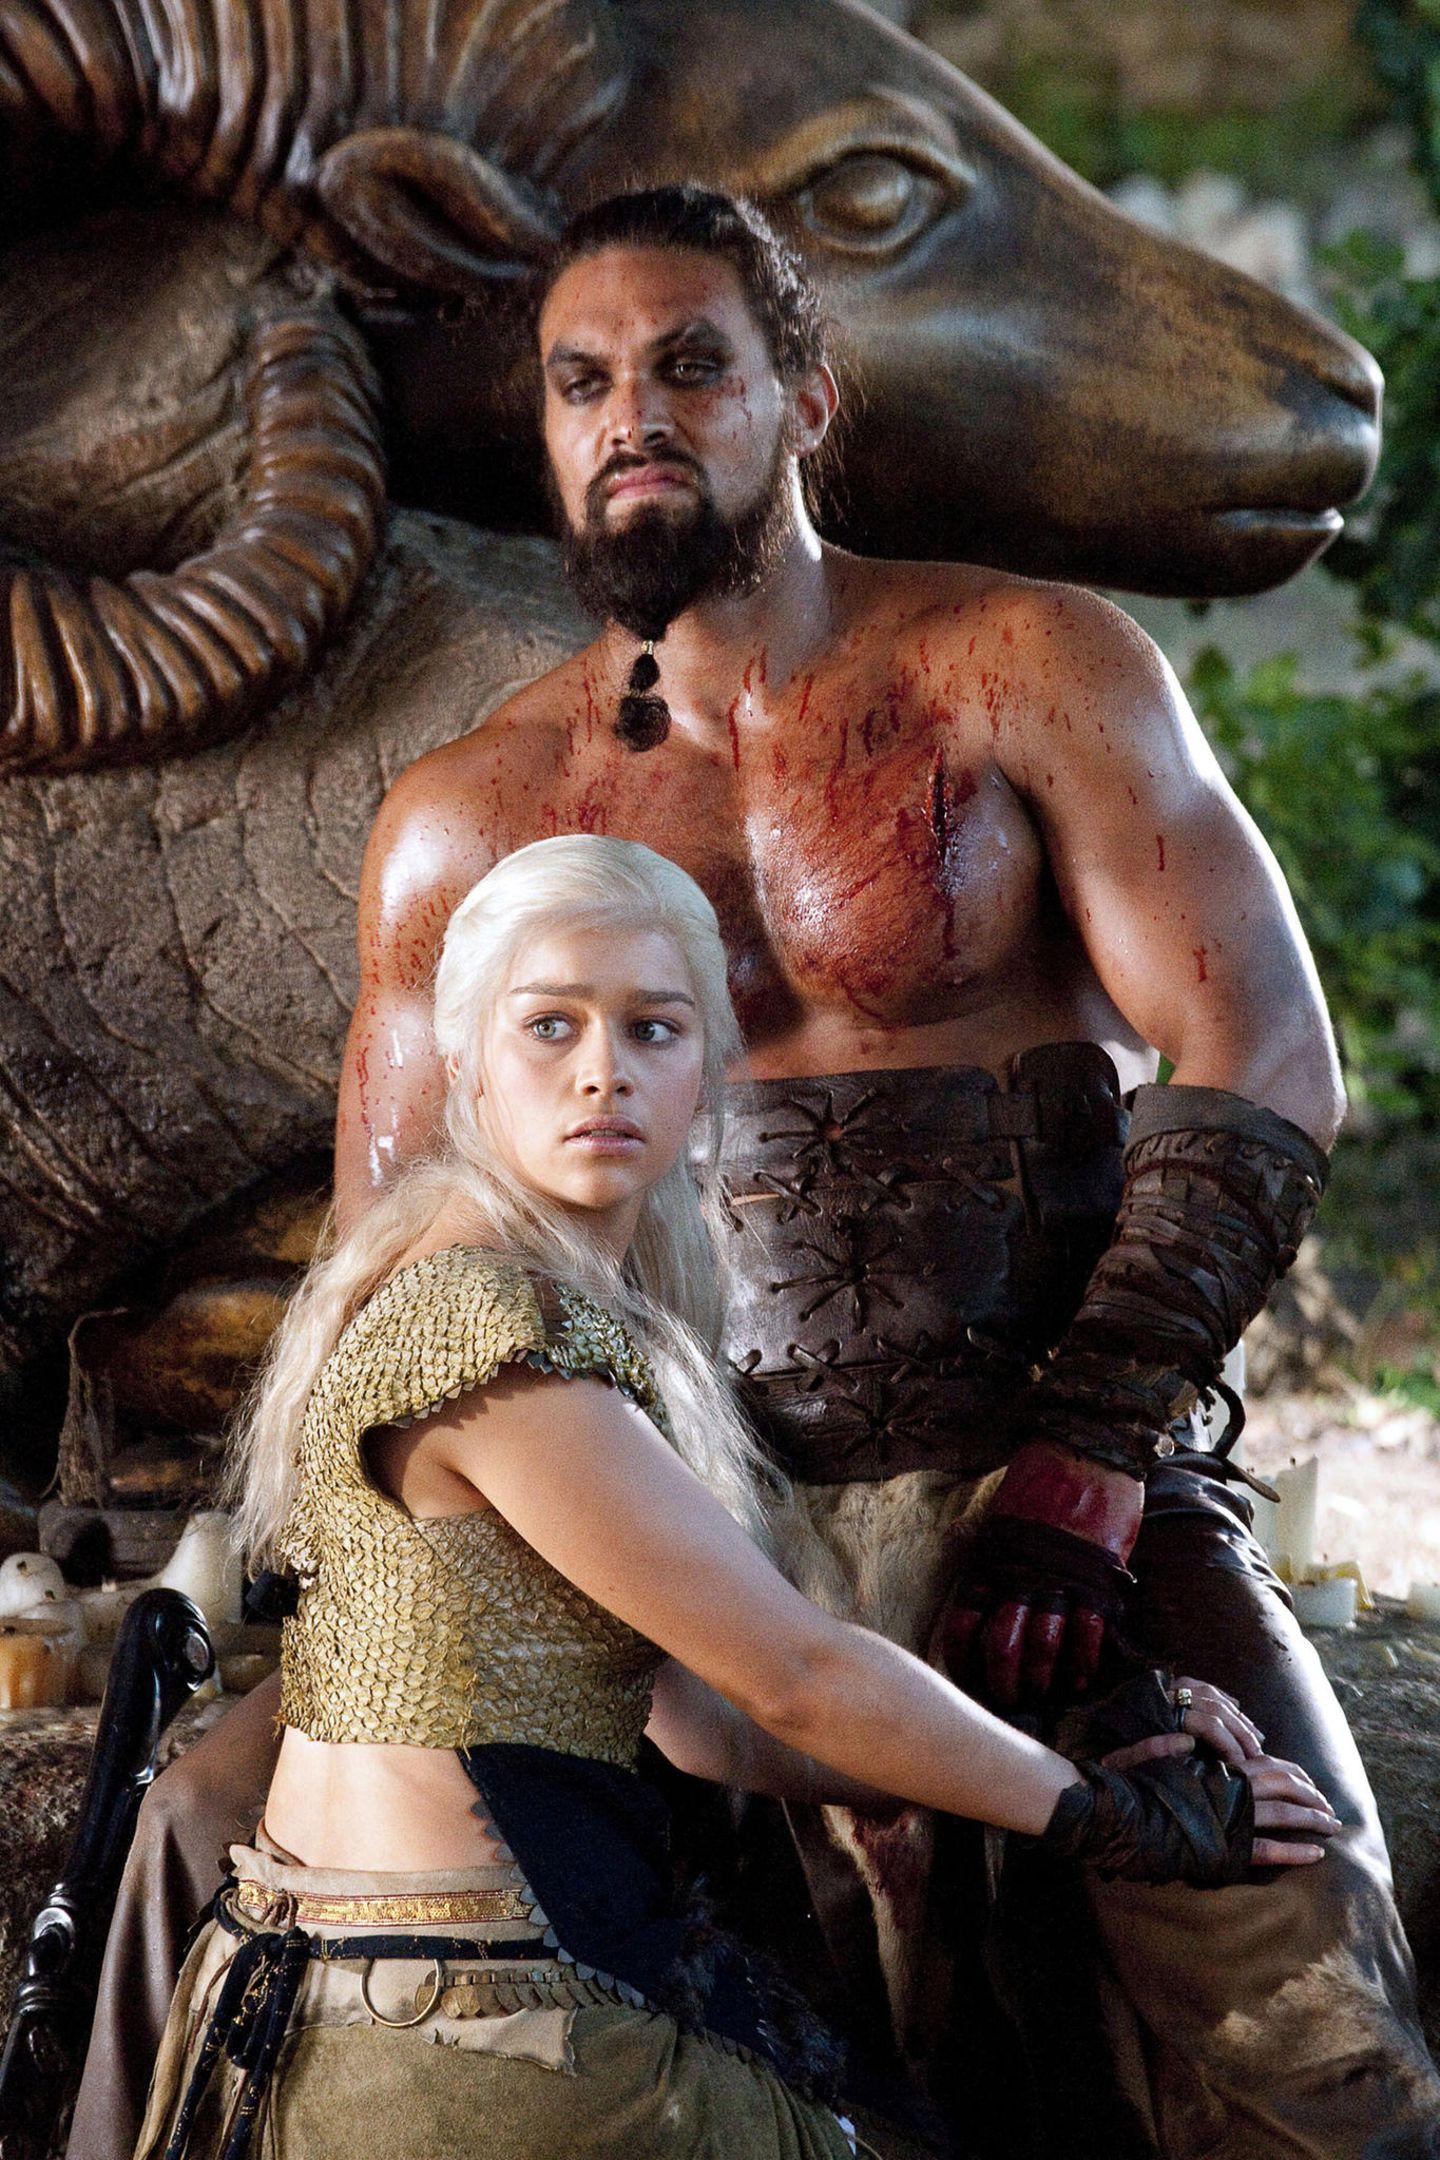 """Emilia Clarke und Jason Momoa waren in der ersten Staffel von """"Game of Thrones"""" alsDaenerysTargaryen und Khal Drogo ein Ehepaar."""